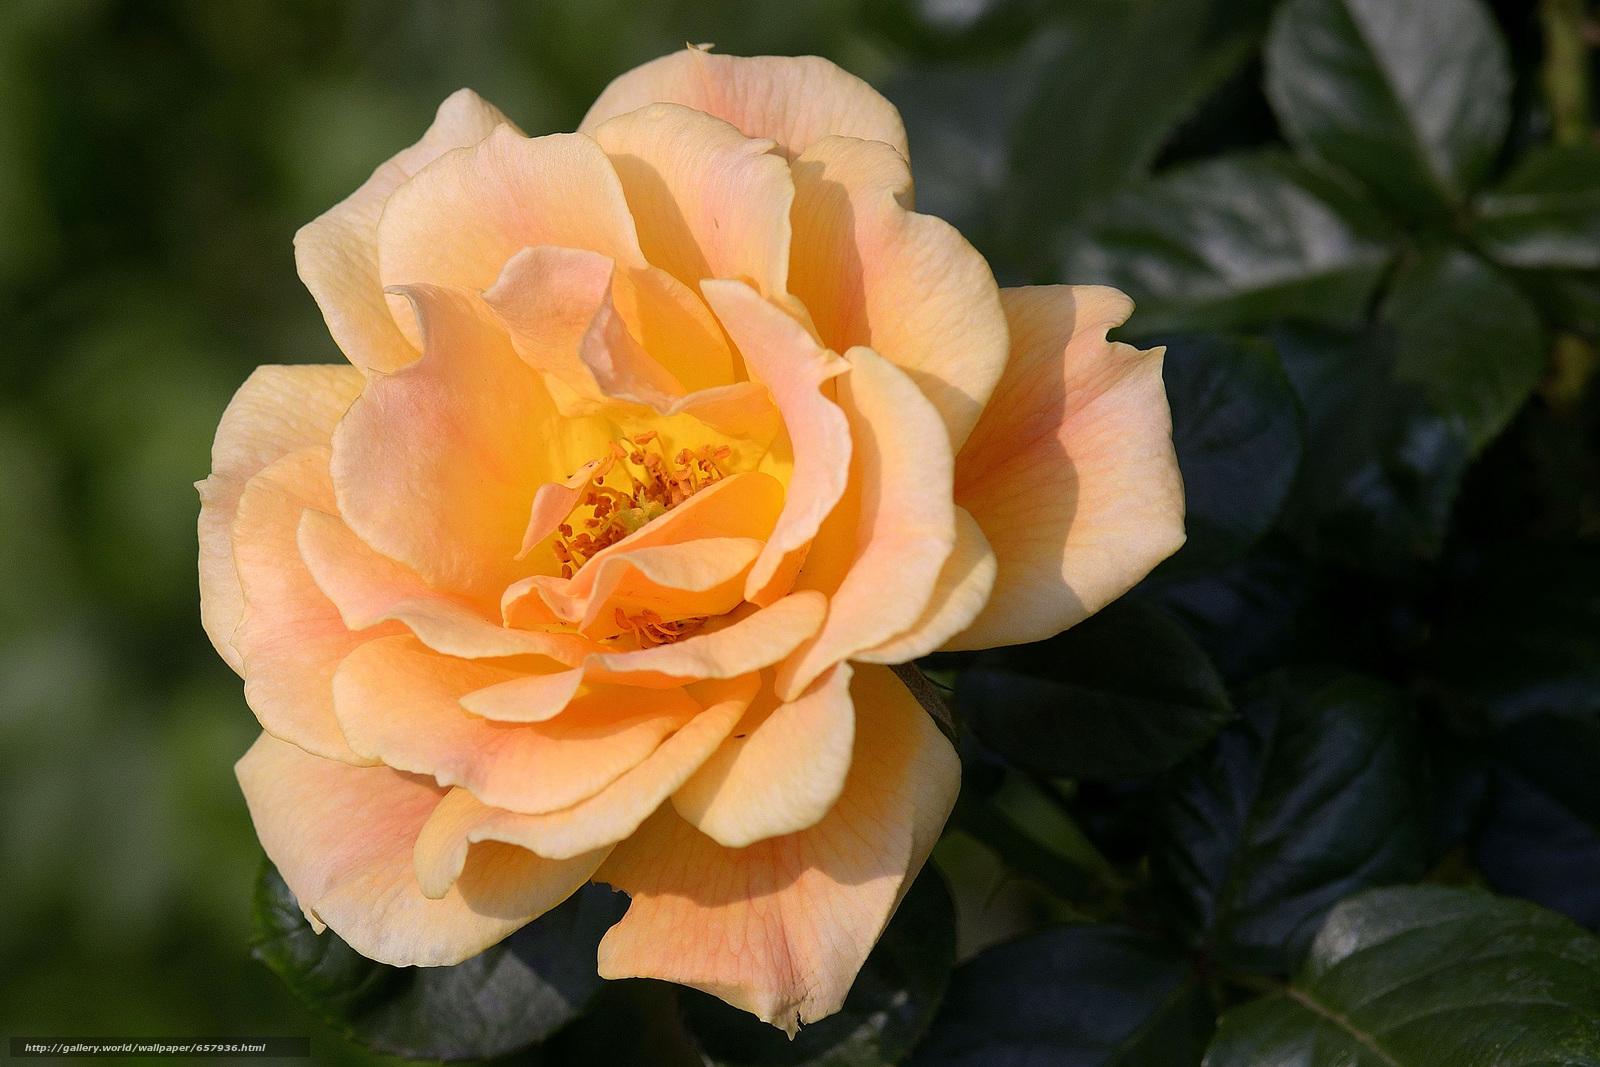 Скачать обои роза,  розы,  цветок,  цветы бесплатно для рабочего стола в разрешении 4043x2695 — картинка №657936